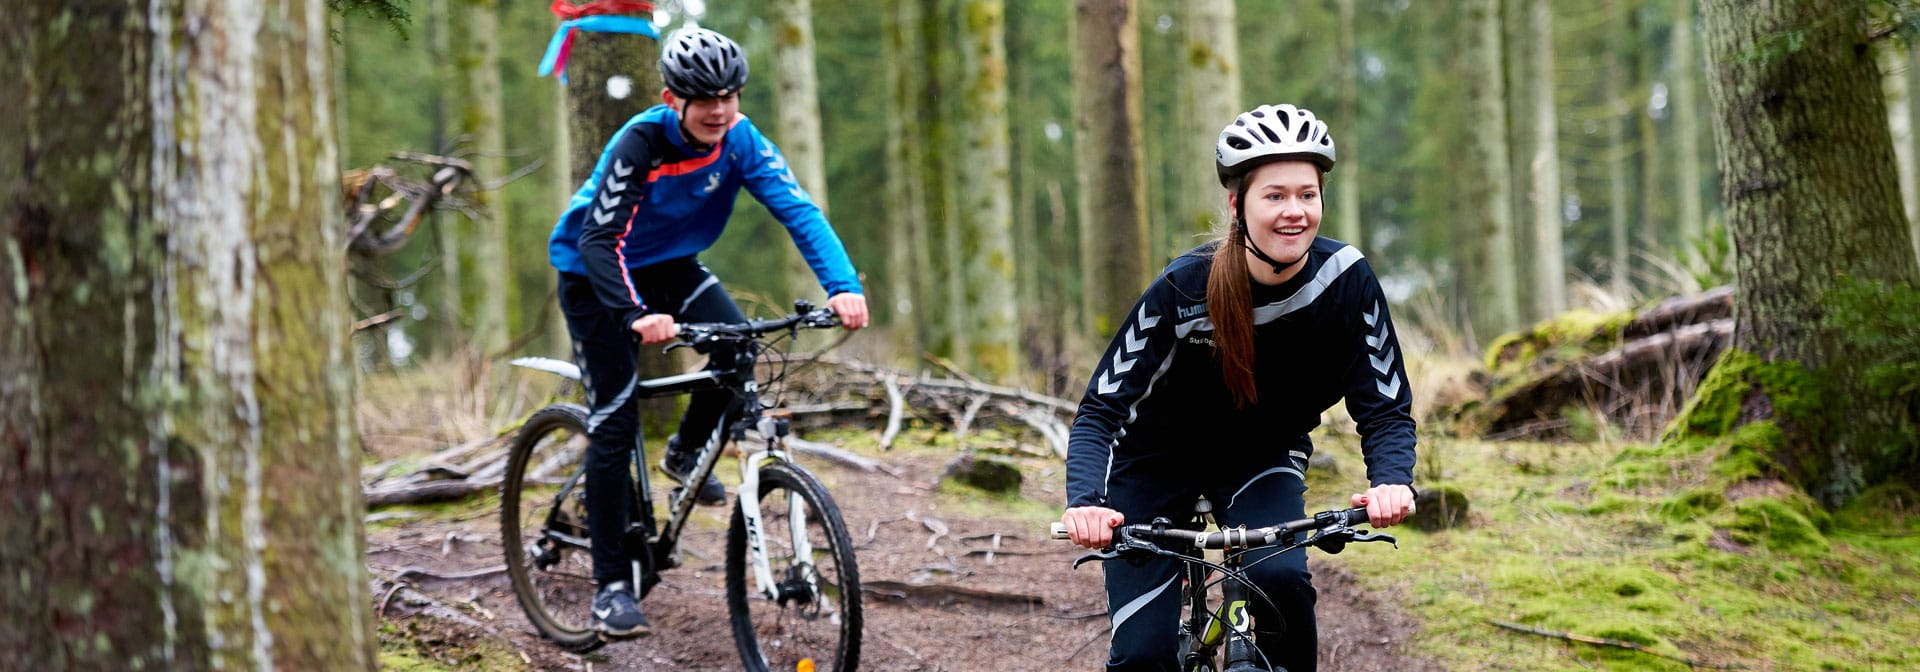 outdoor sport efterskole og mountainbike efterskole